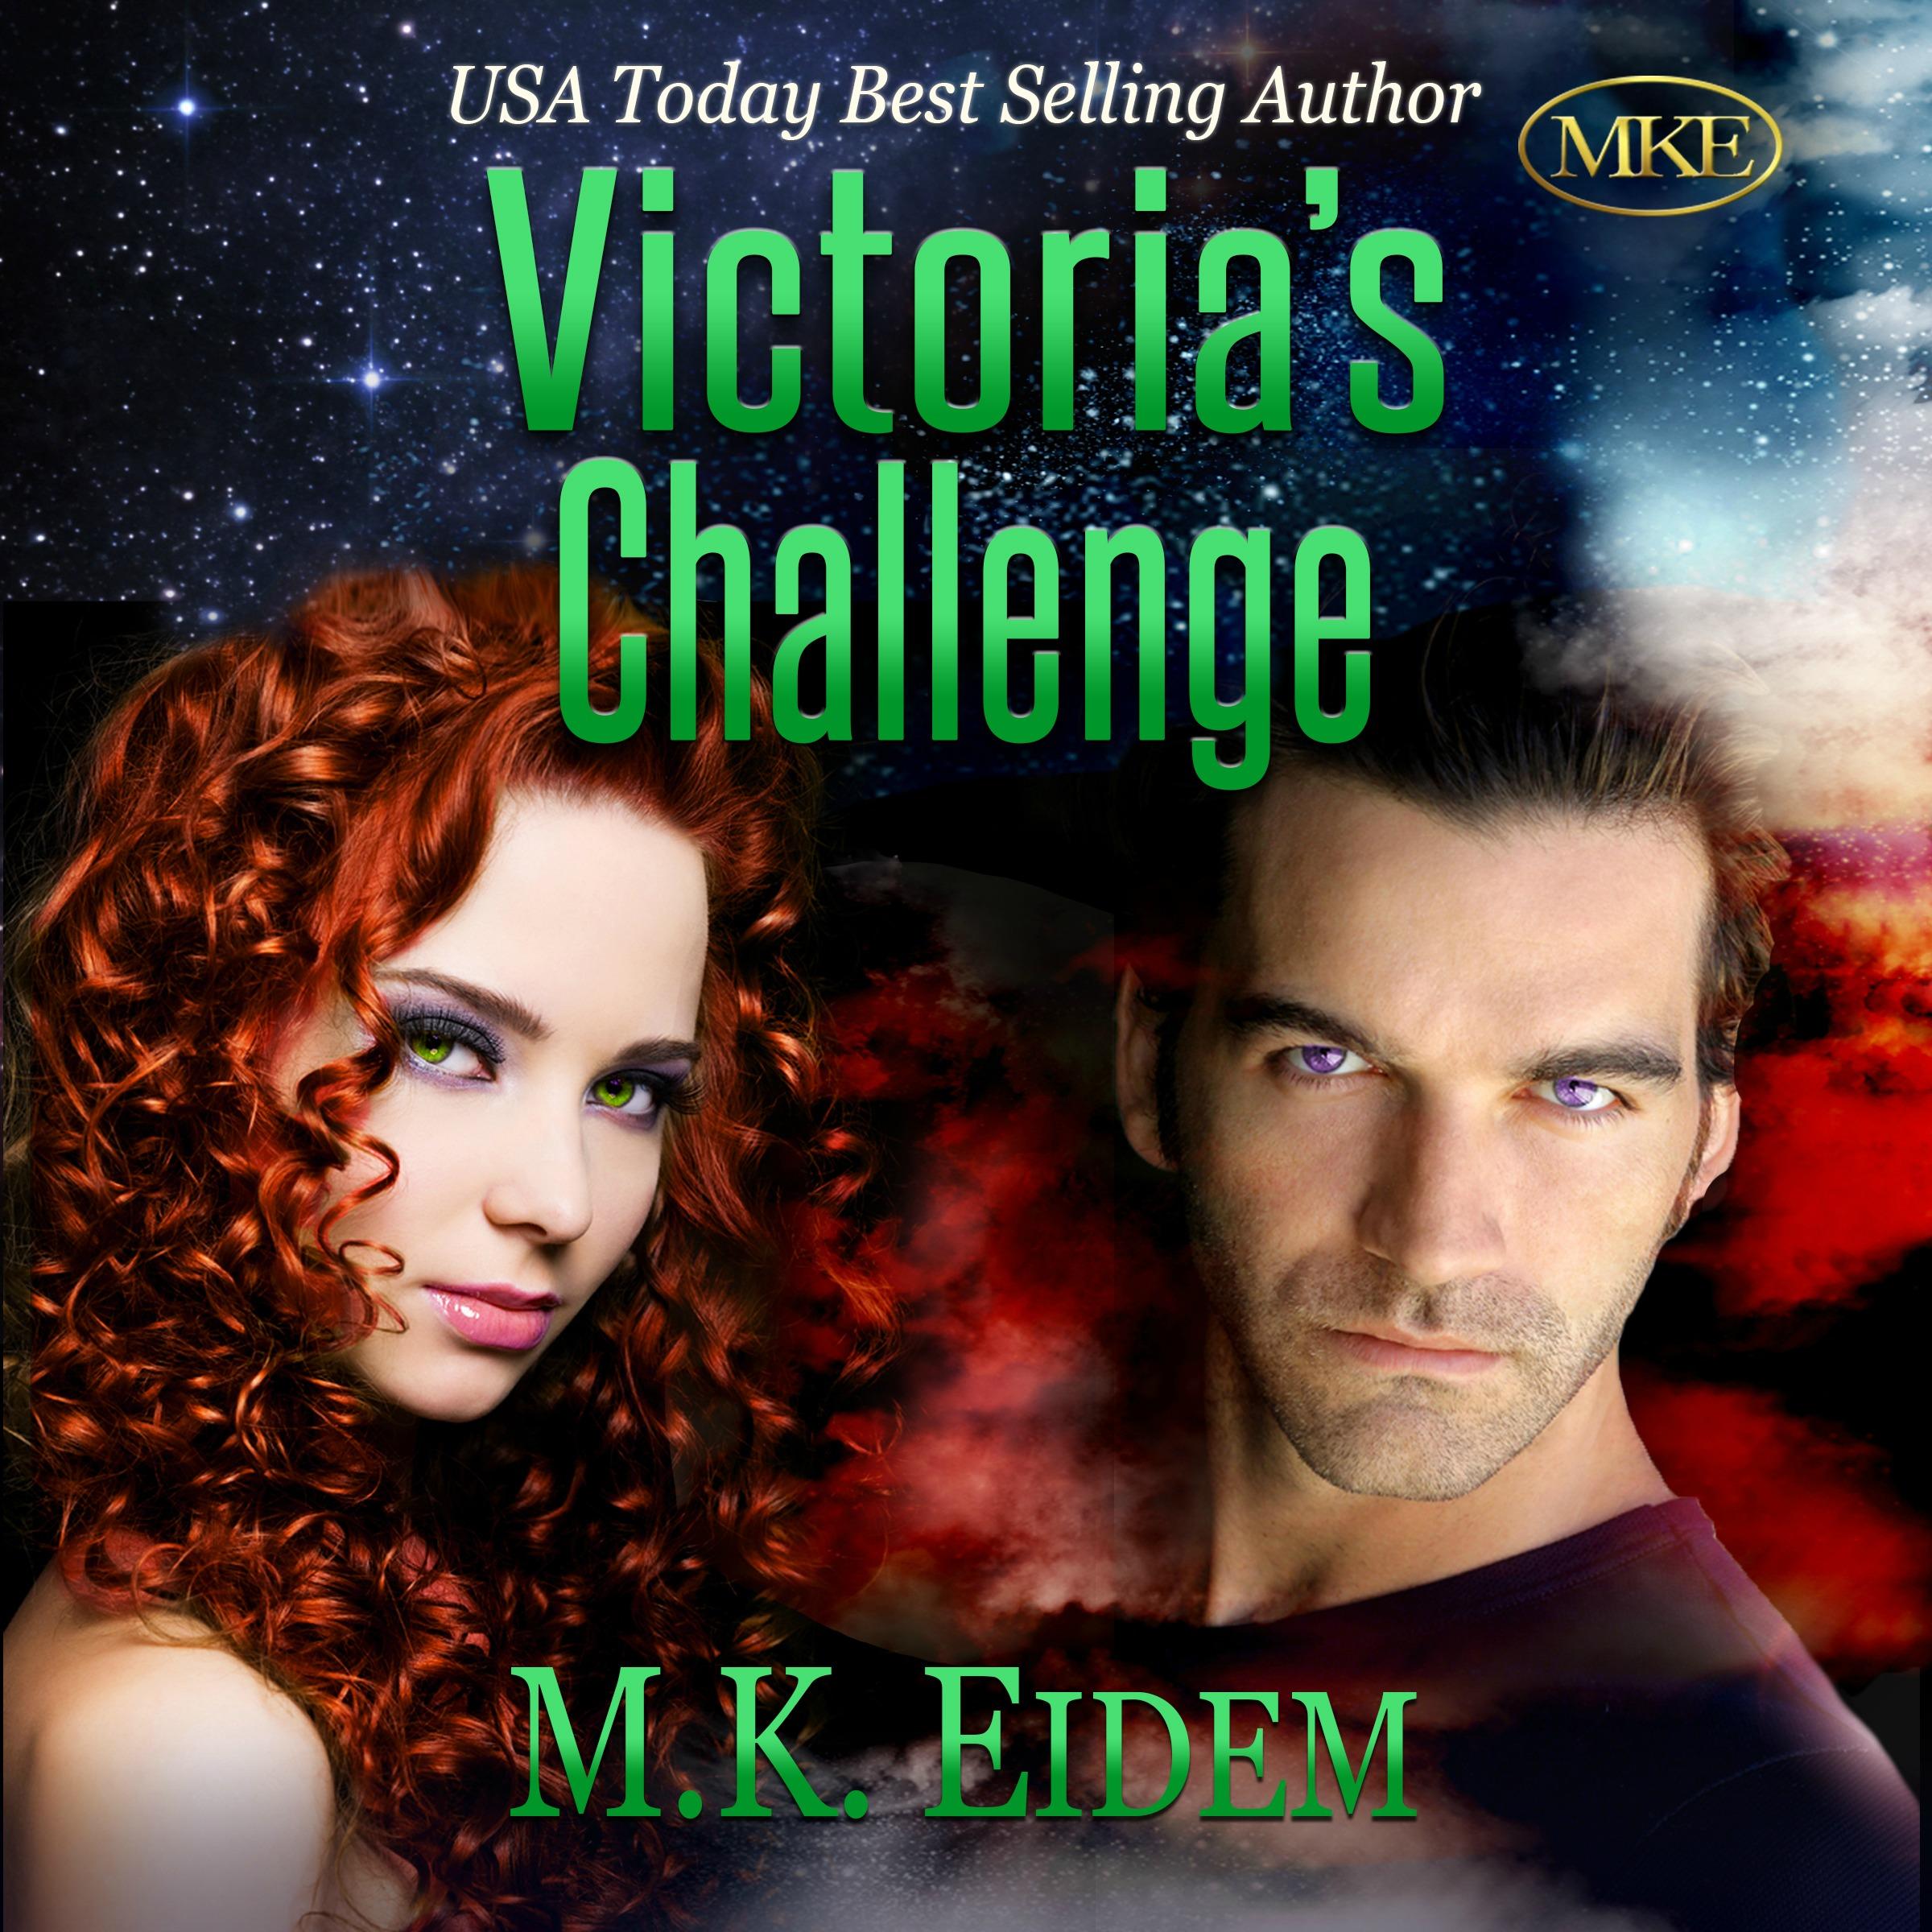 Victoria's Challenge – Audiobook